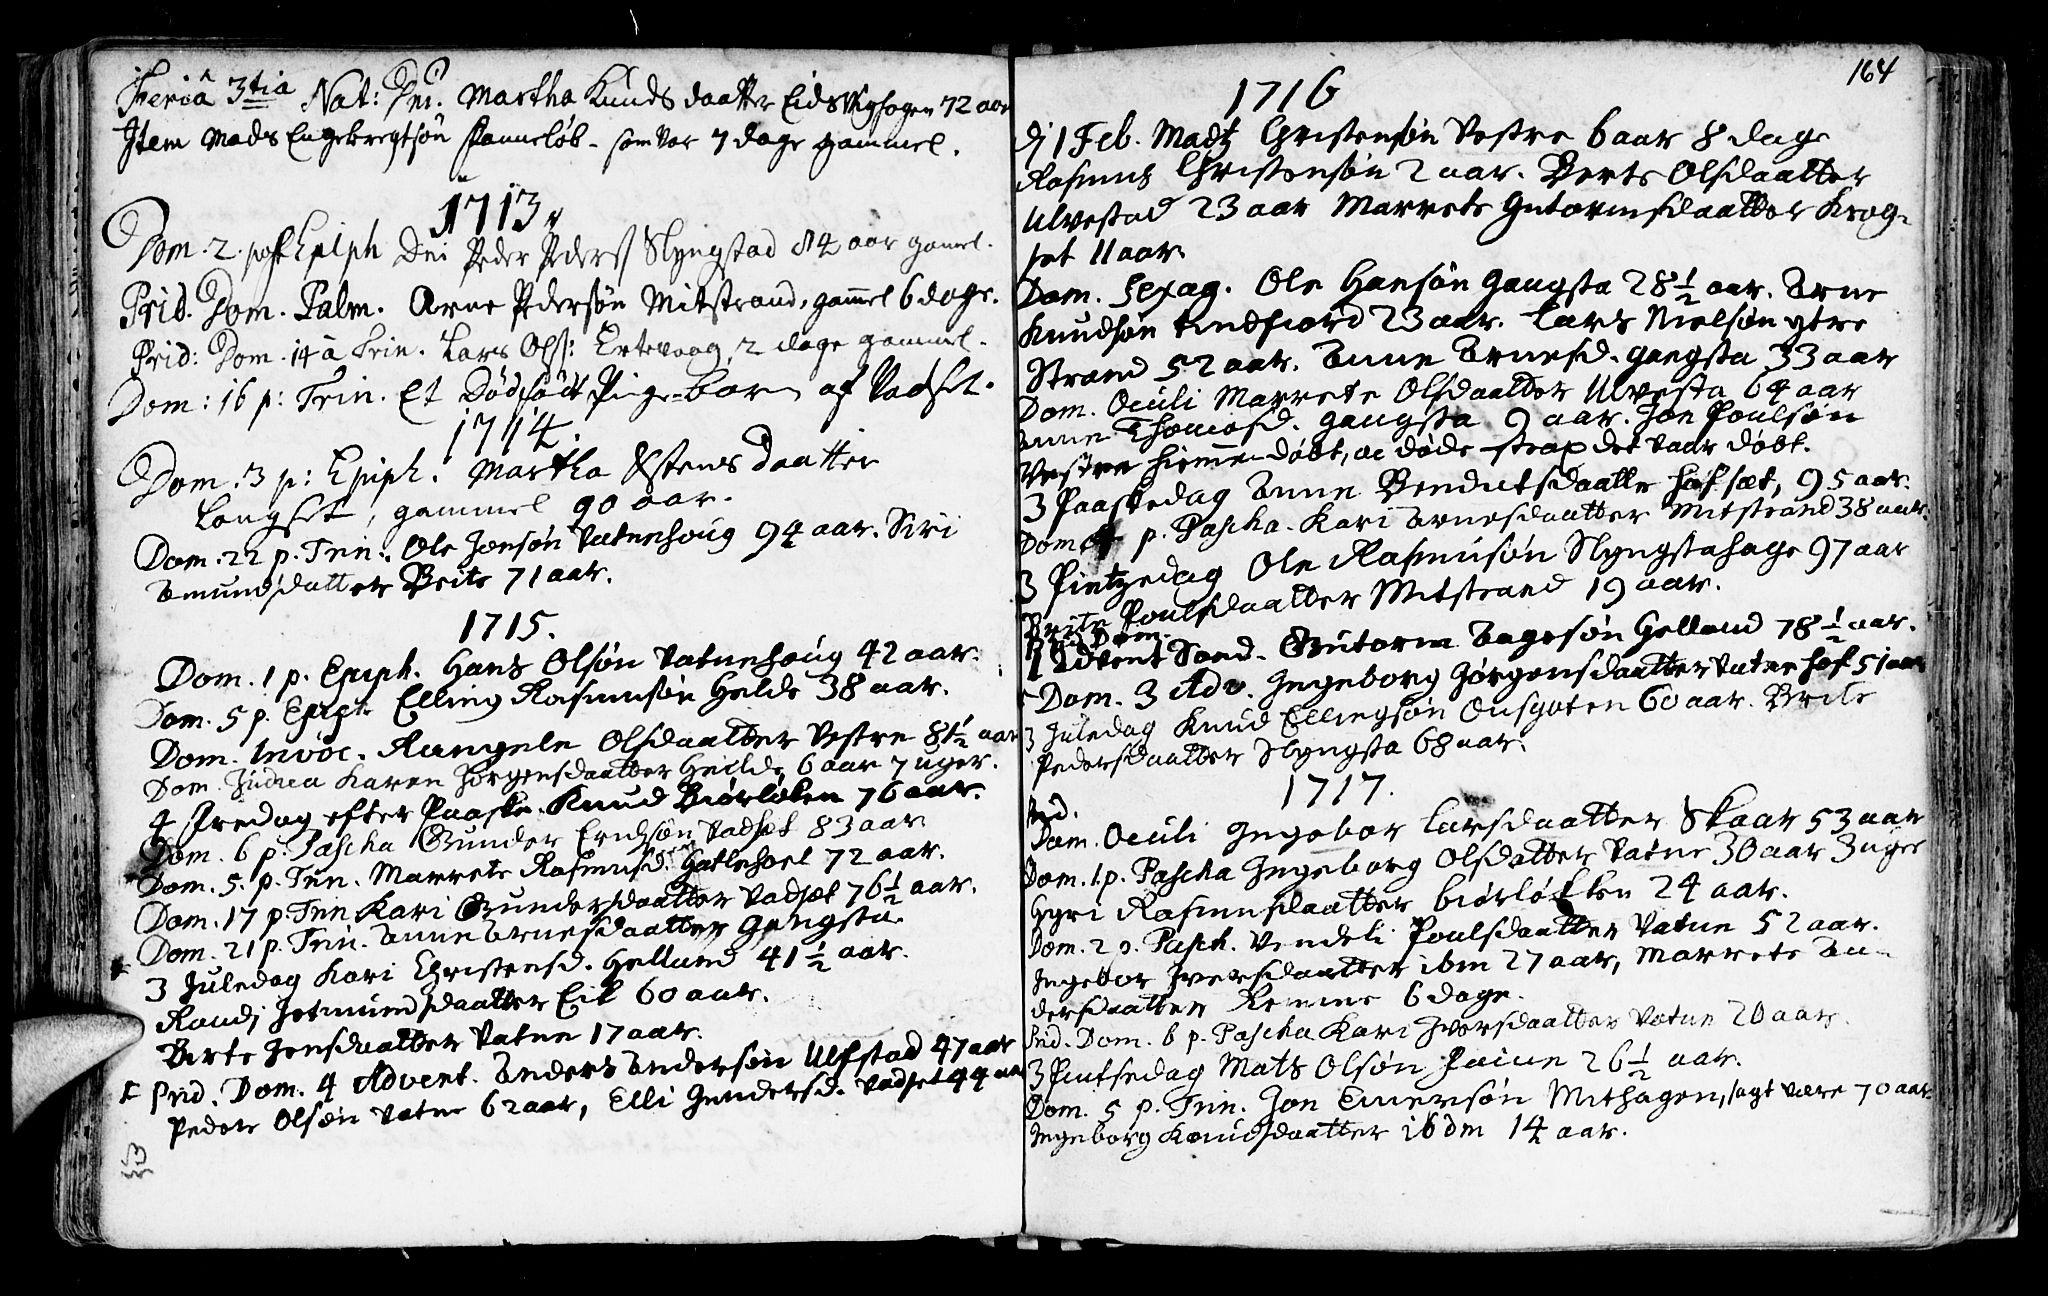 SAT, Ministerialprotokoller, klokkerbøker og fødselsregistre - Møre og Romsdal, 525/L0371: Ministerialbok nr. 525A01, 1699-1777, s. 164